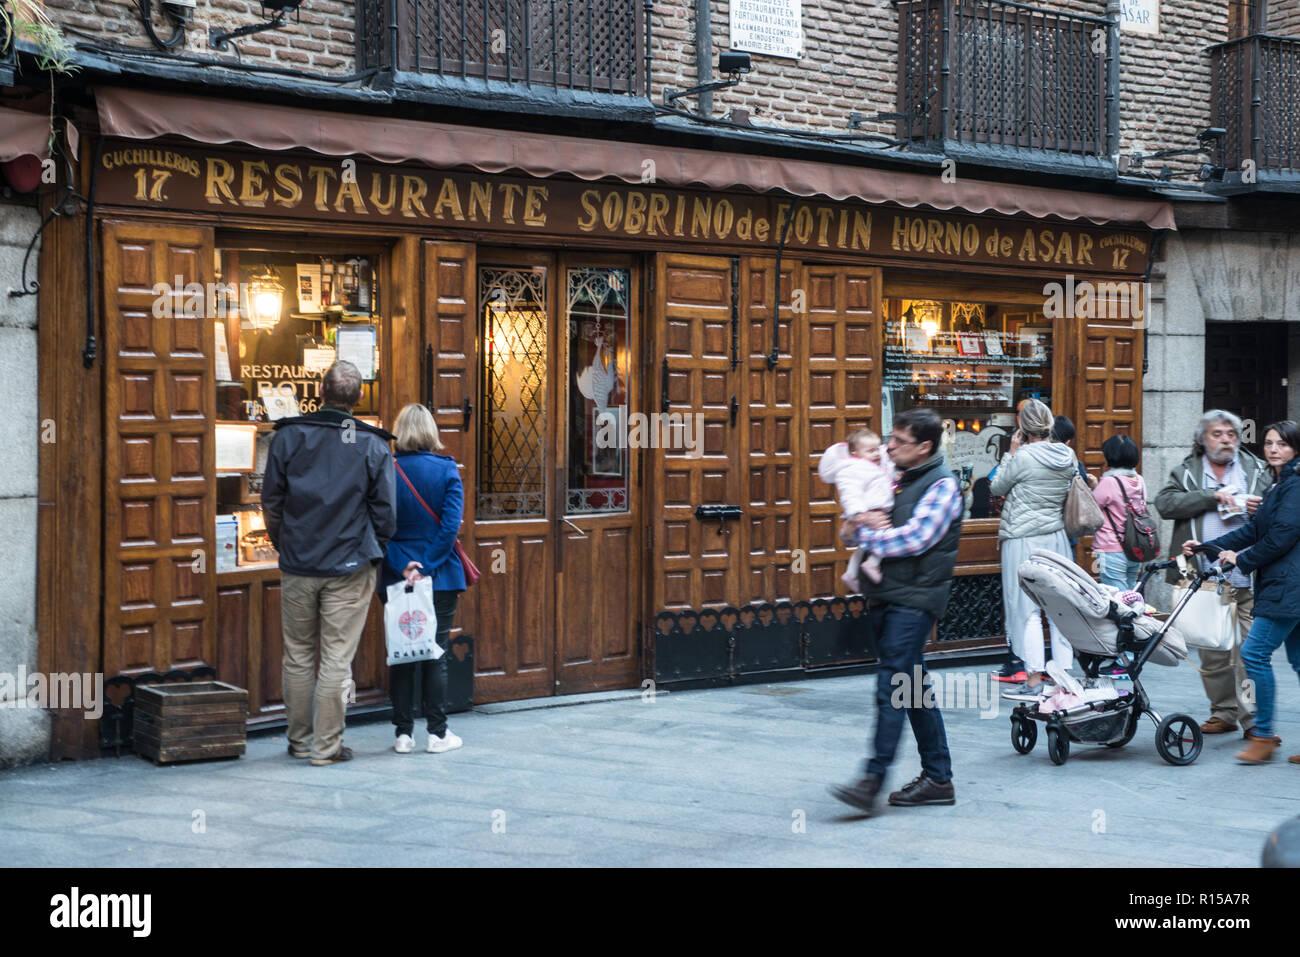 Sobrino de botin stock photos sobrino de botin stock for Casa botin madrid